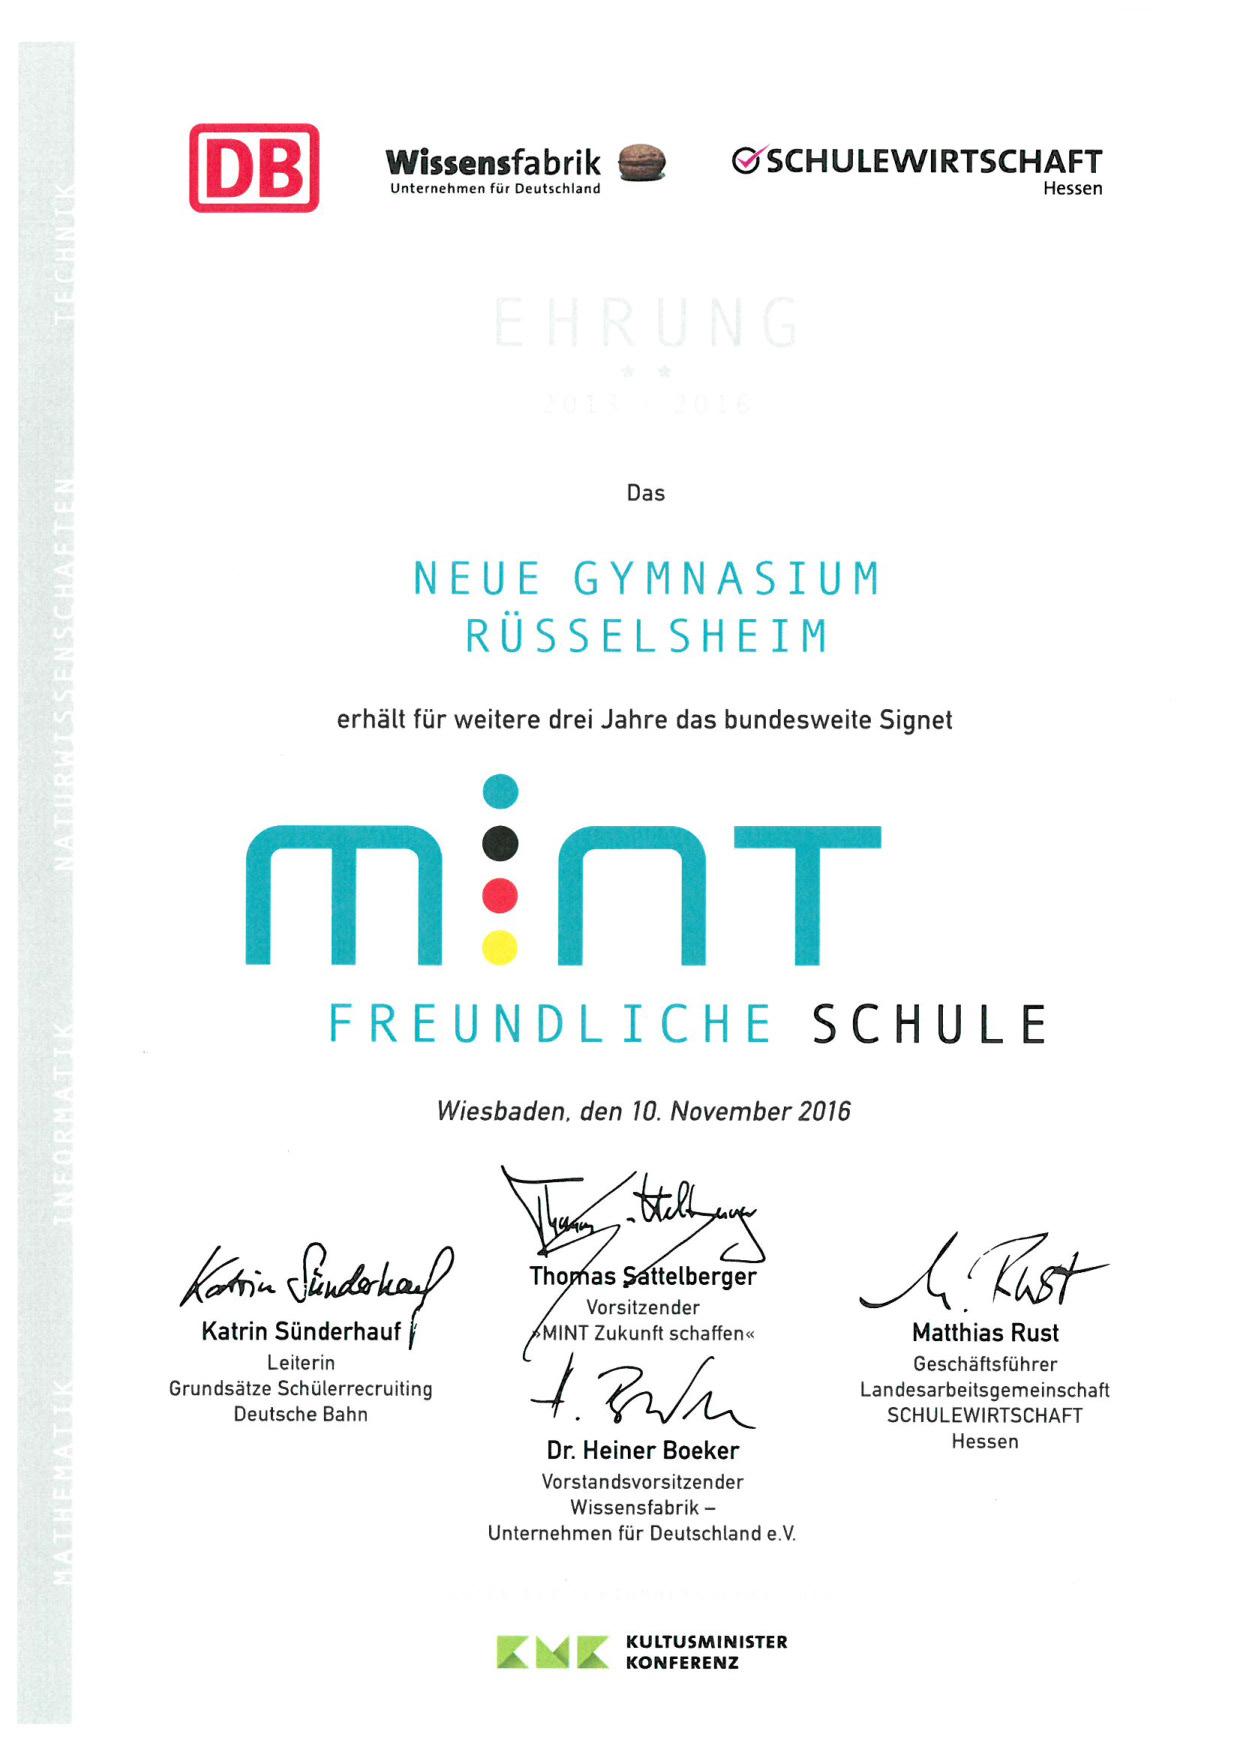 Urkunde über Mint-freundliche Schule